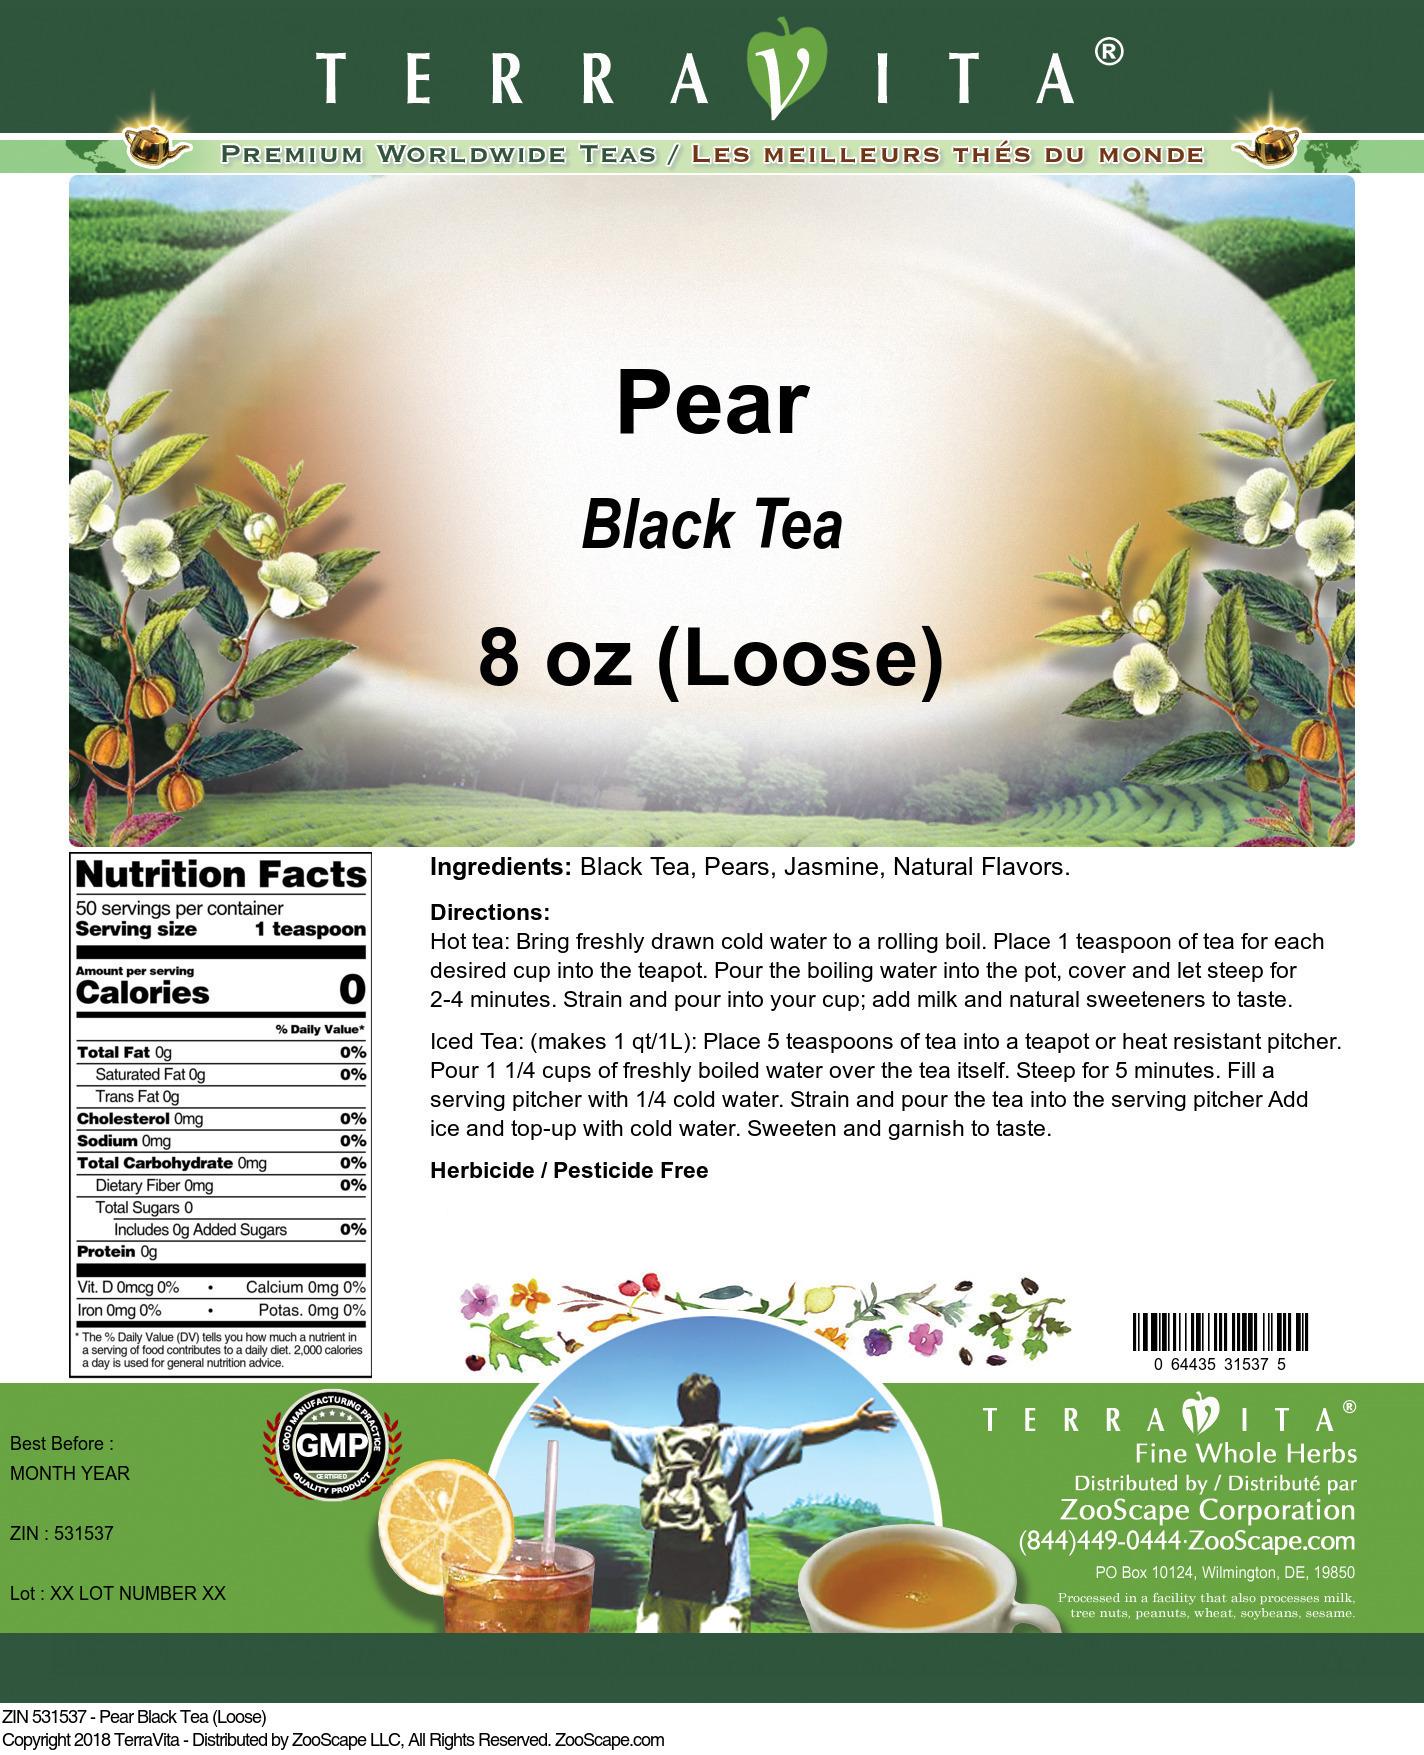 Pear Black Tea